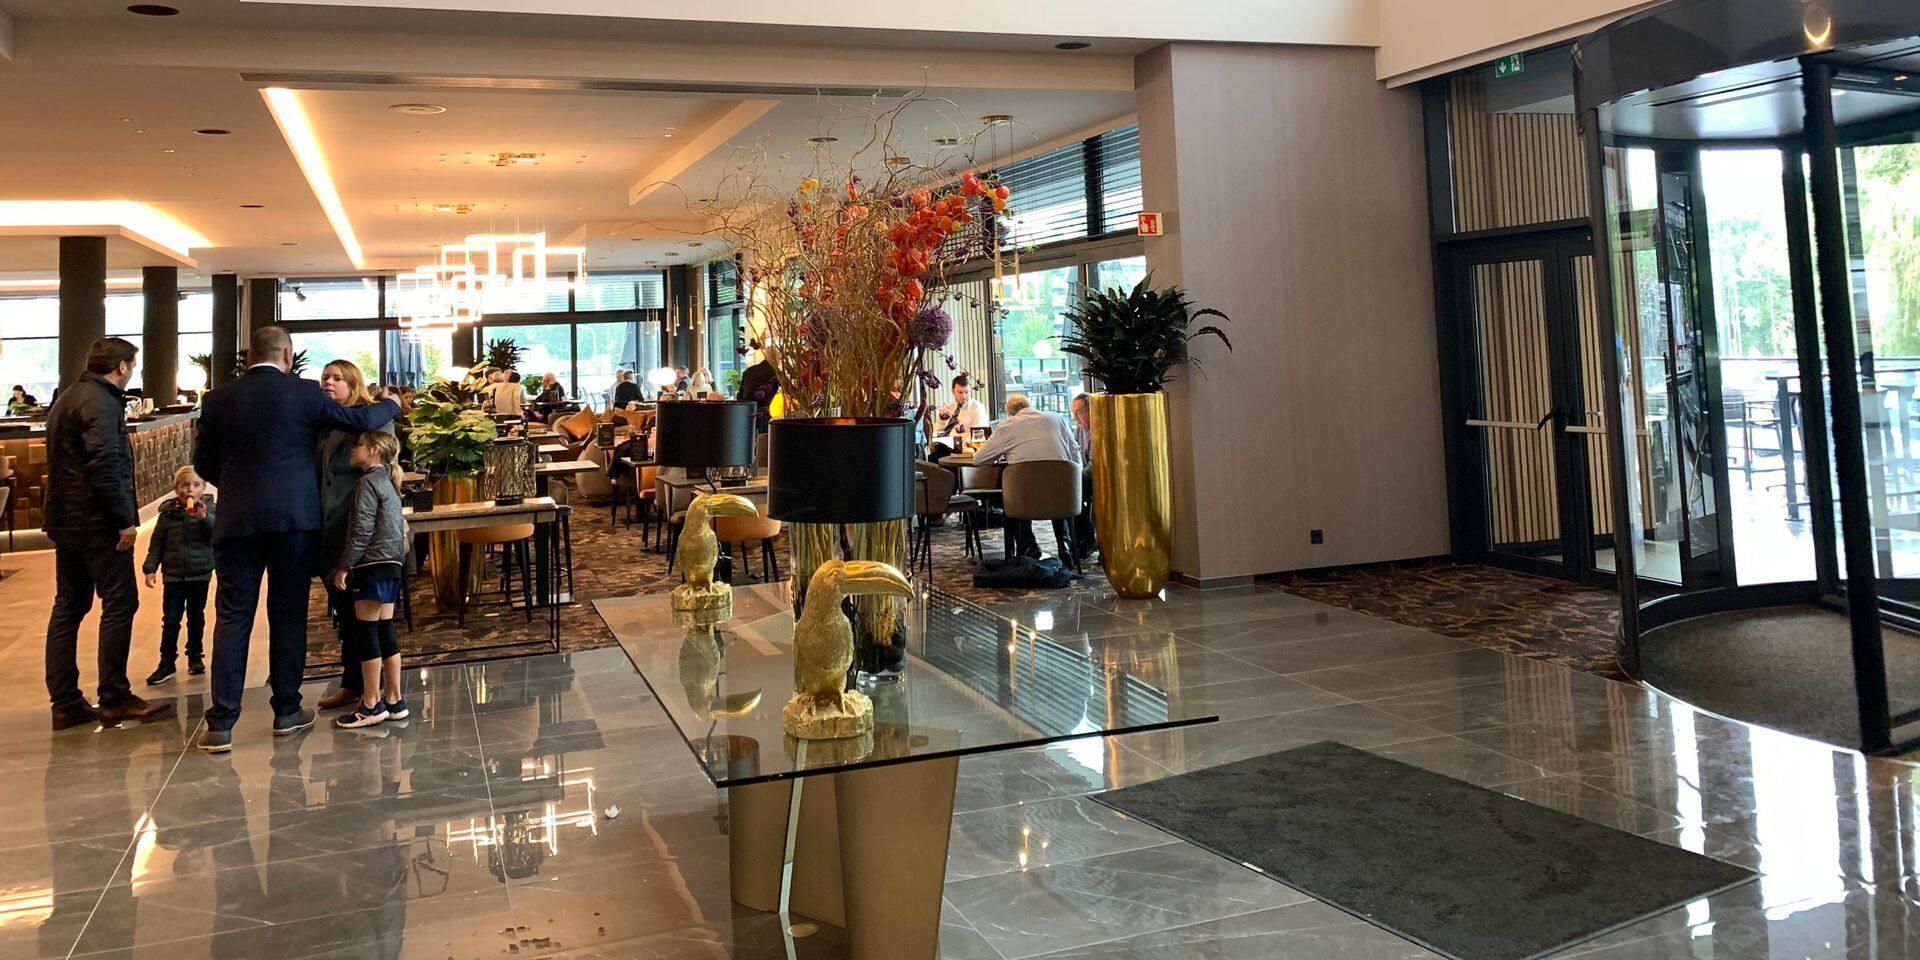 Le nombre de nuitées dans les hôtels du Brabant wallon a chuté de 60% en 2020